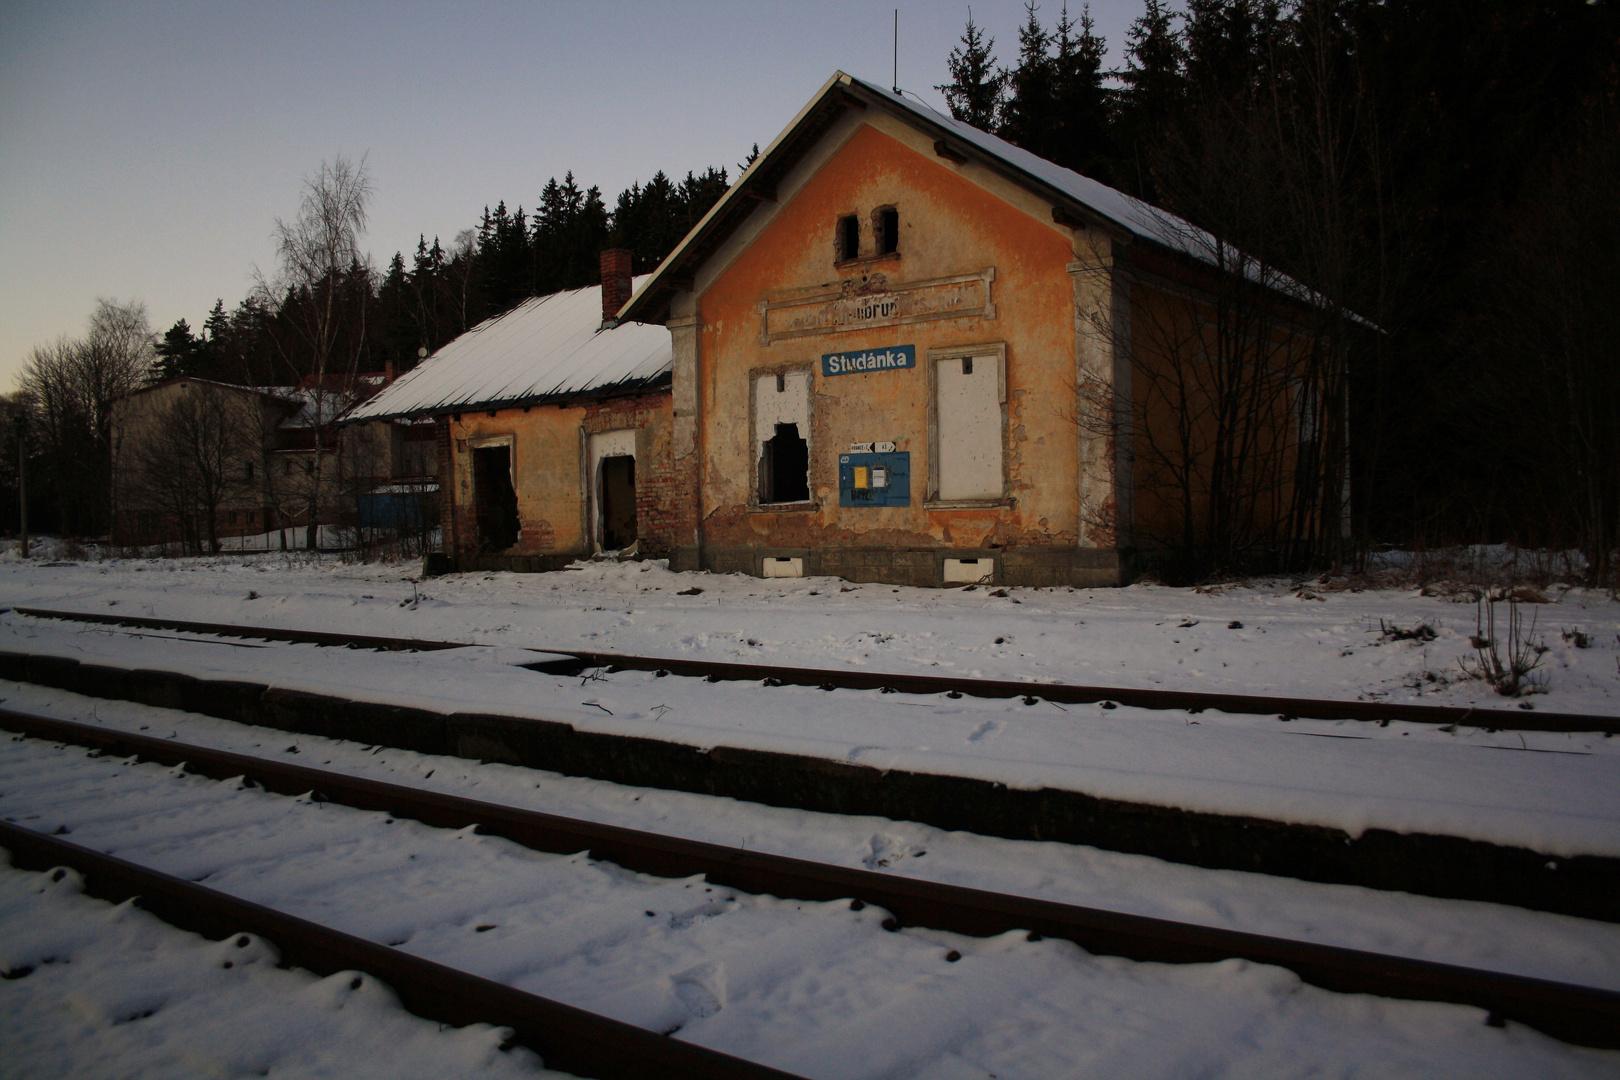 Bahnhof Thonbrunn